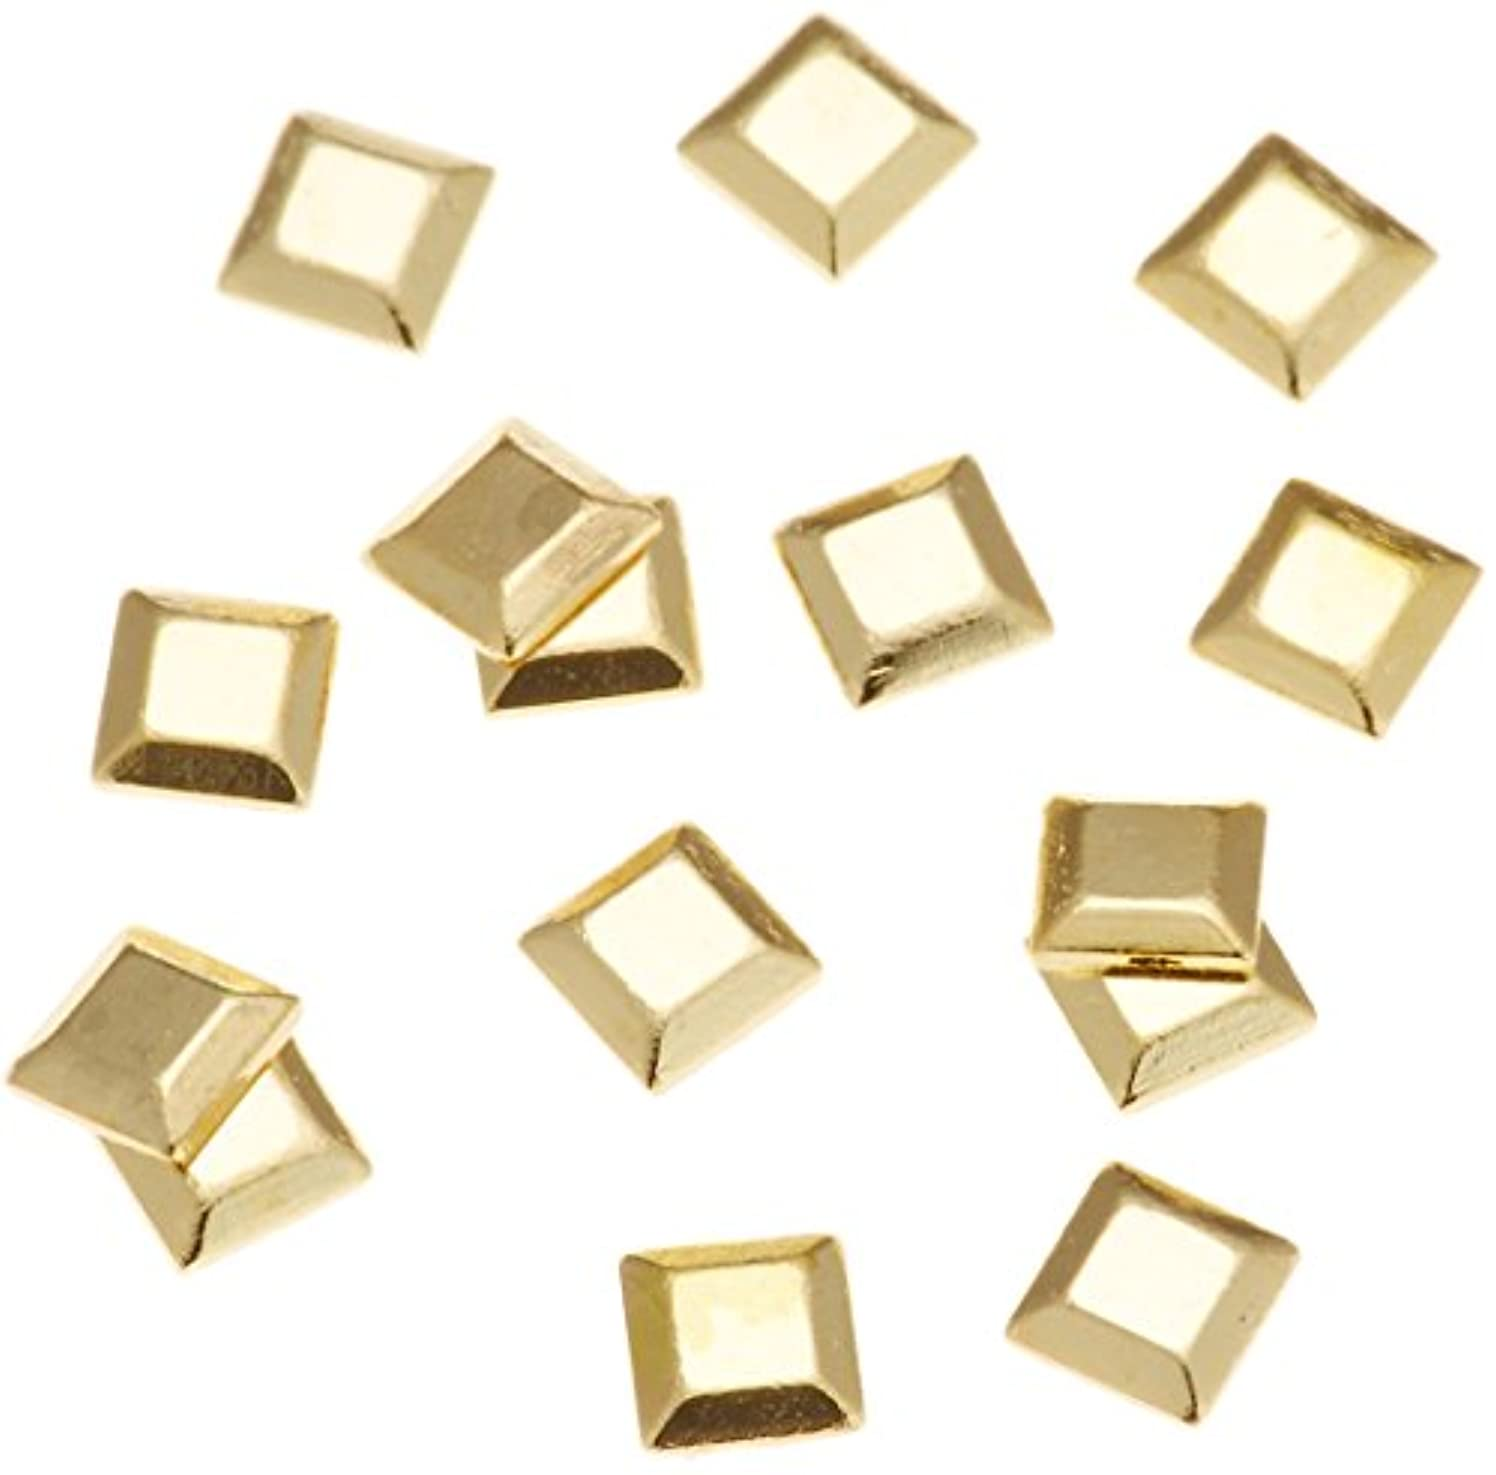 戸棚食べるソースリトルプリティー ネイルアートパーツ スタッズスクエア ゴールド 200個